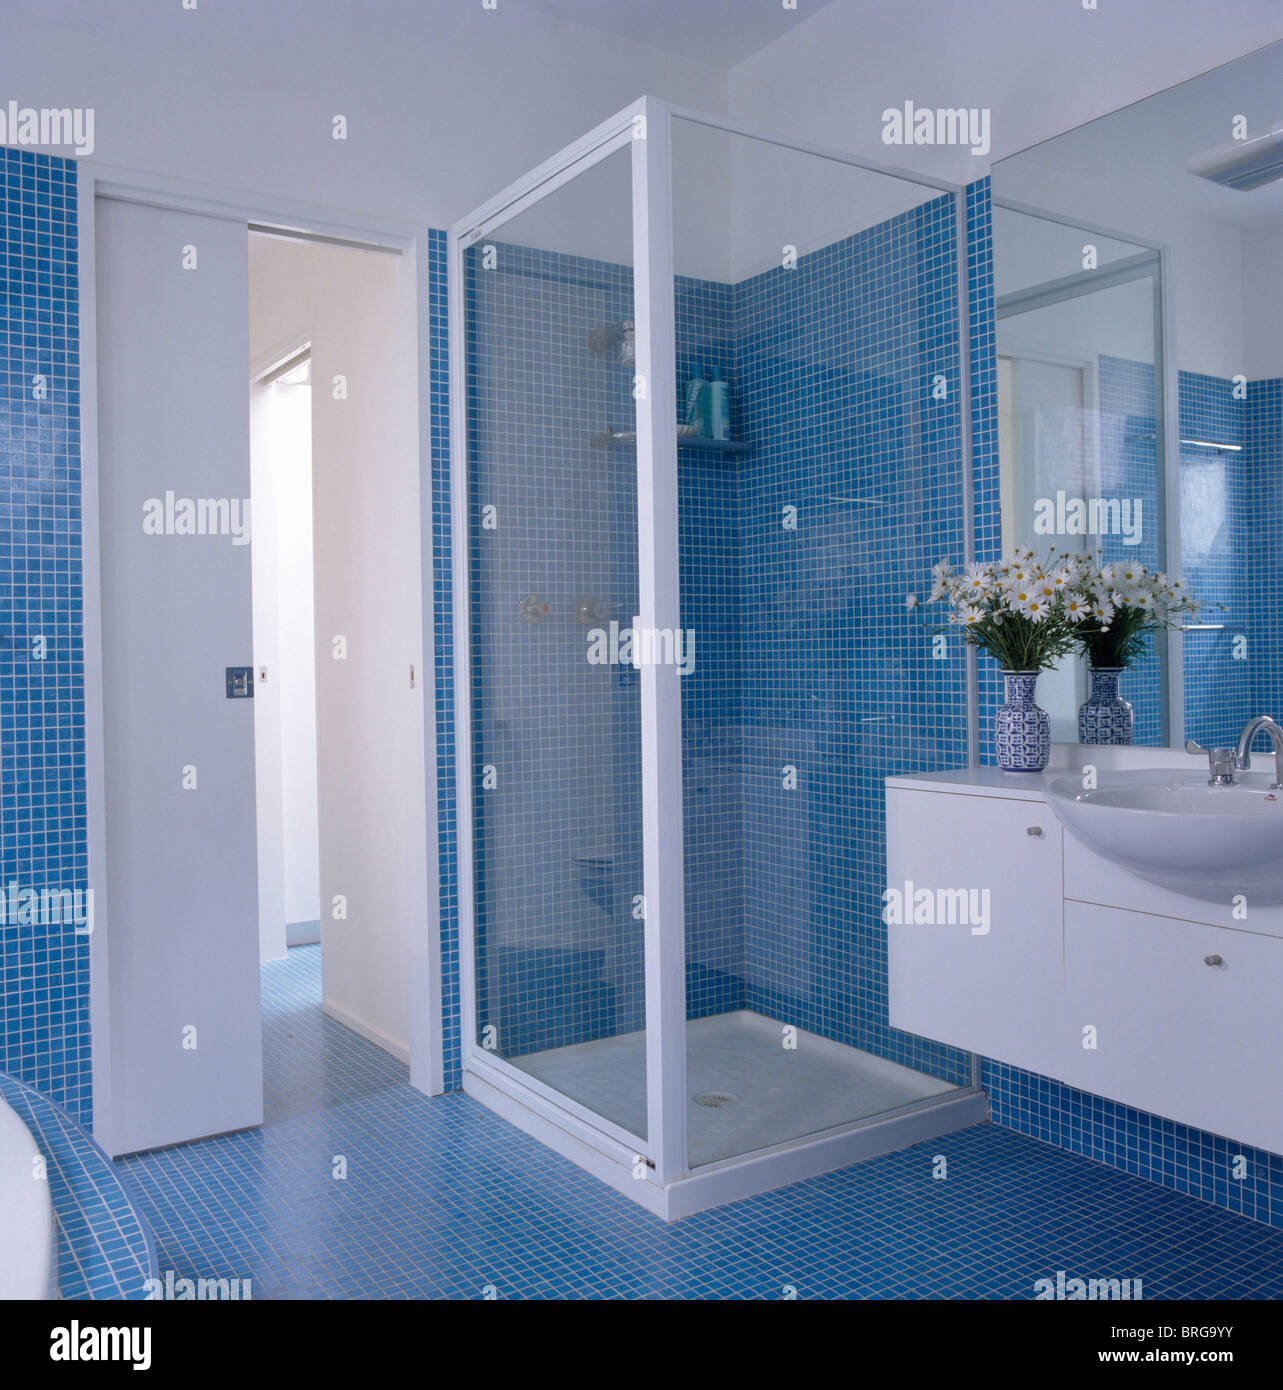 Bagno Doccia Mosaico : Piastrelle bagno mosaico doccia metro quadro chioggia